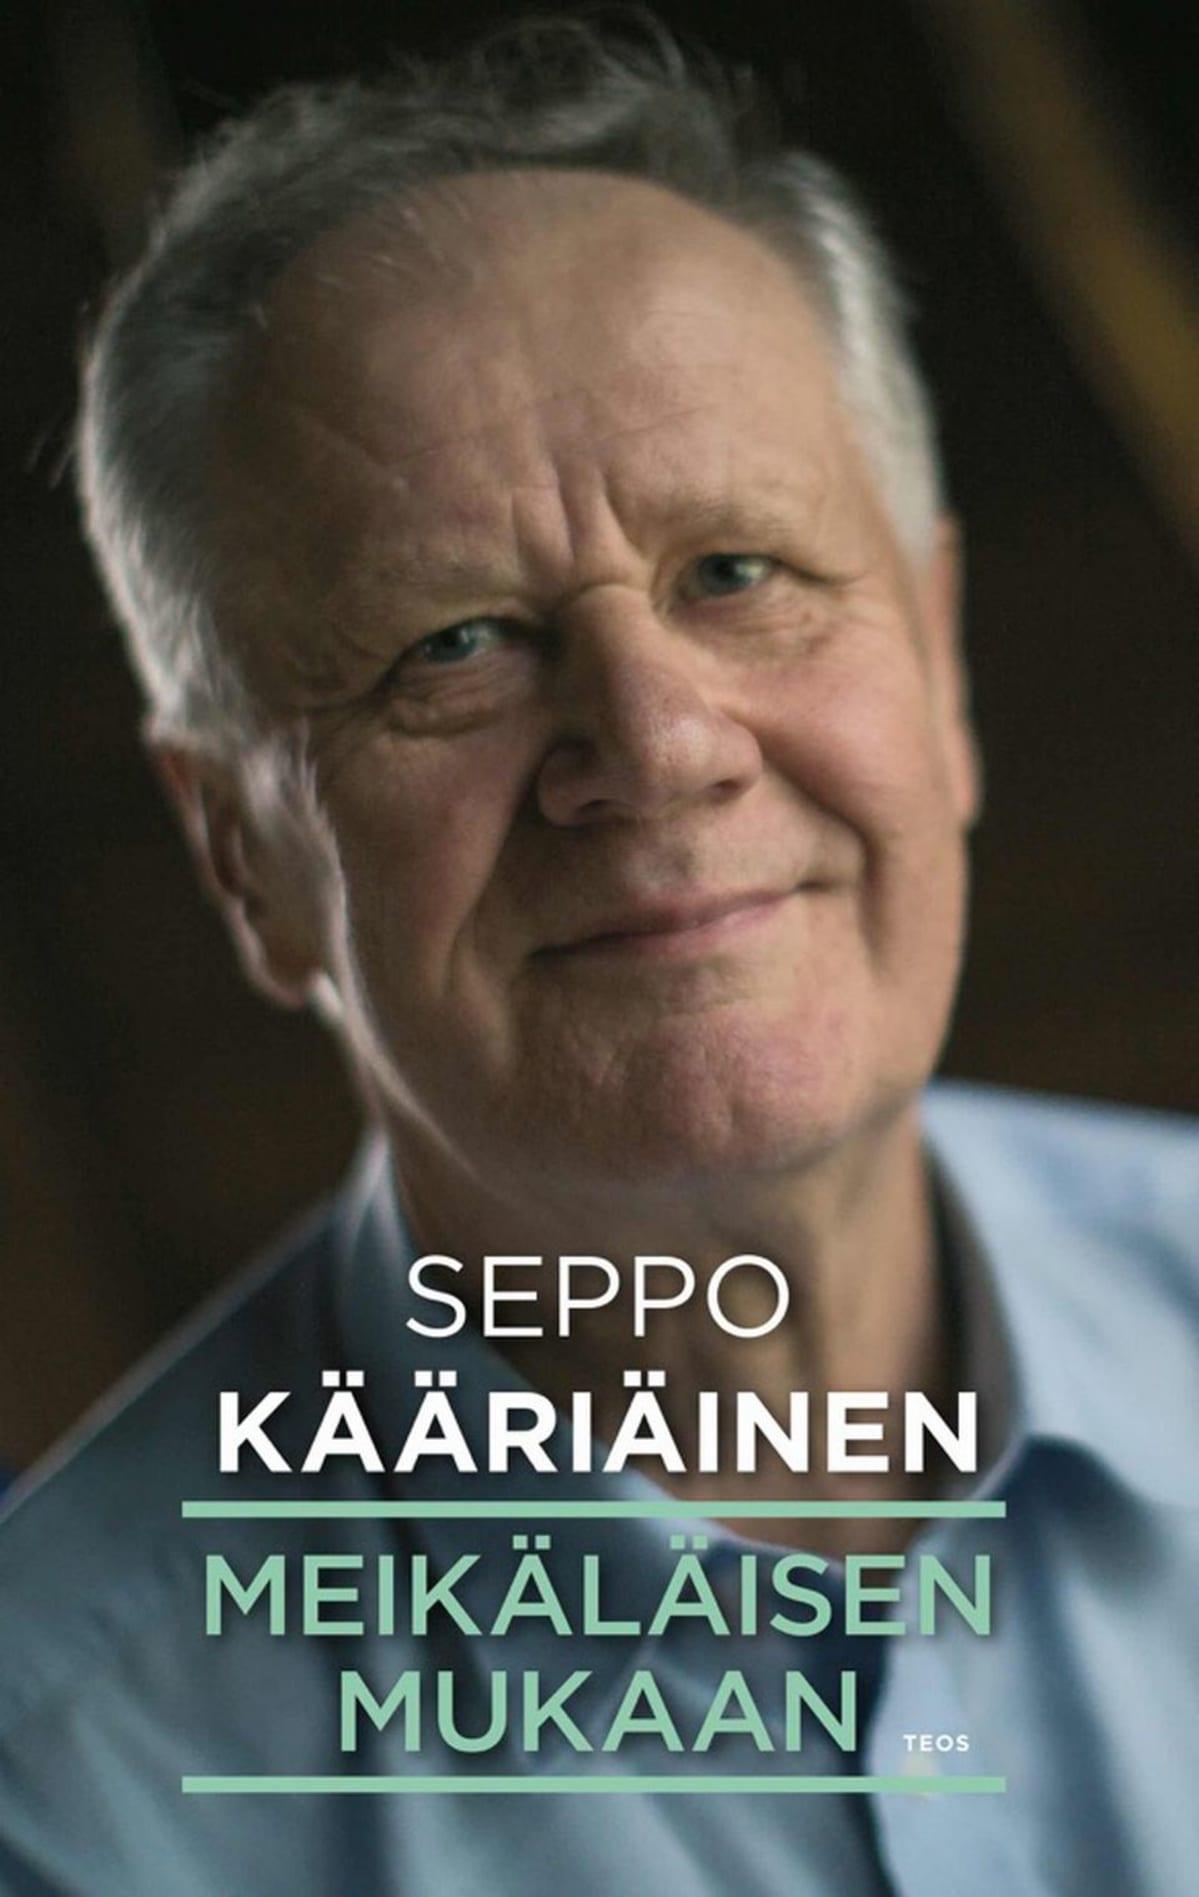 """Seppo Kääriäinen """"Meikäläisen mukaan"""" kirjankansi."""